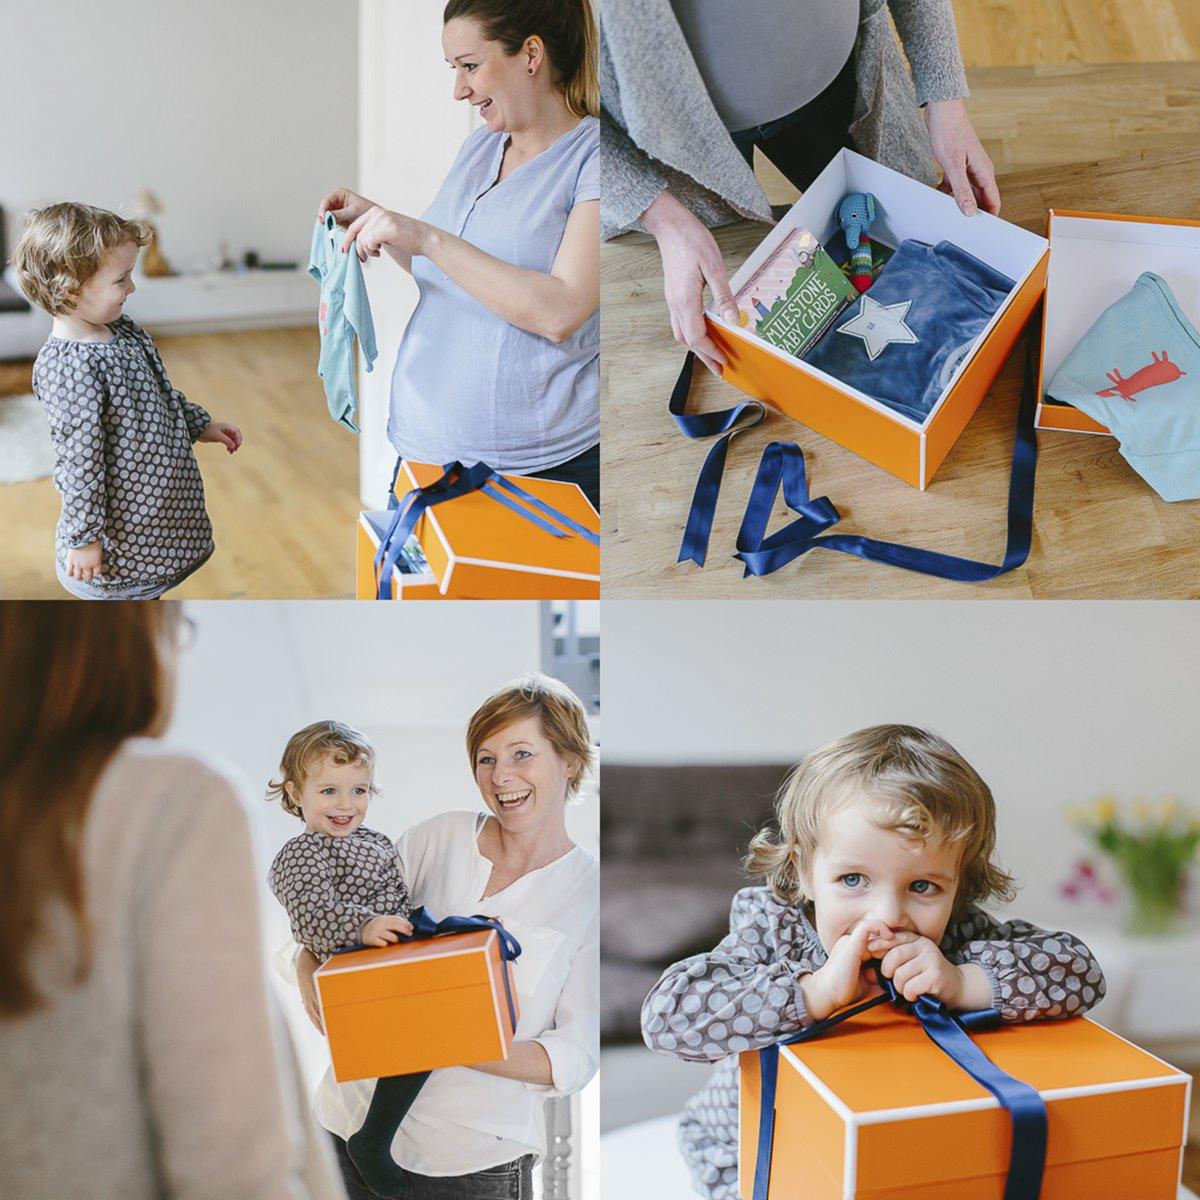 Werbefoto von Mutter und Kind beim Auspacken eines Geschenks der Firma gifts to grow | Foto: Hanna Witte